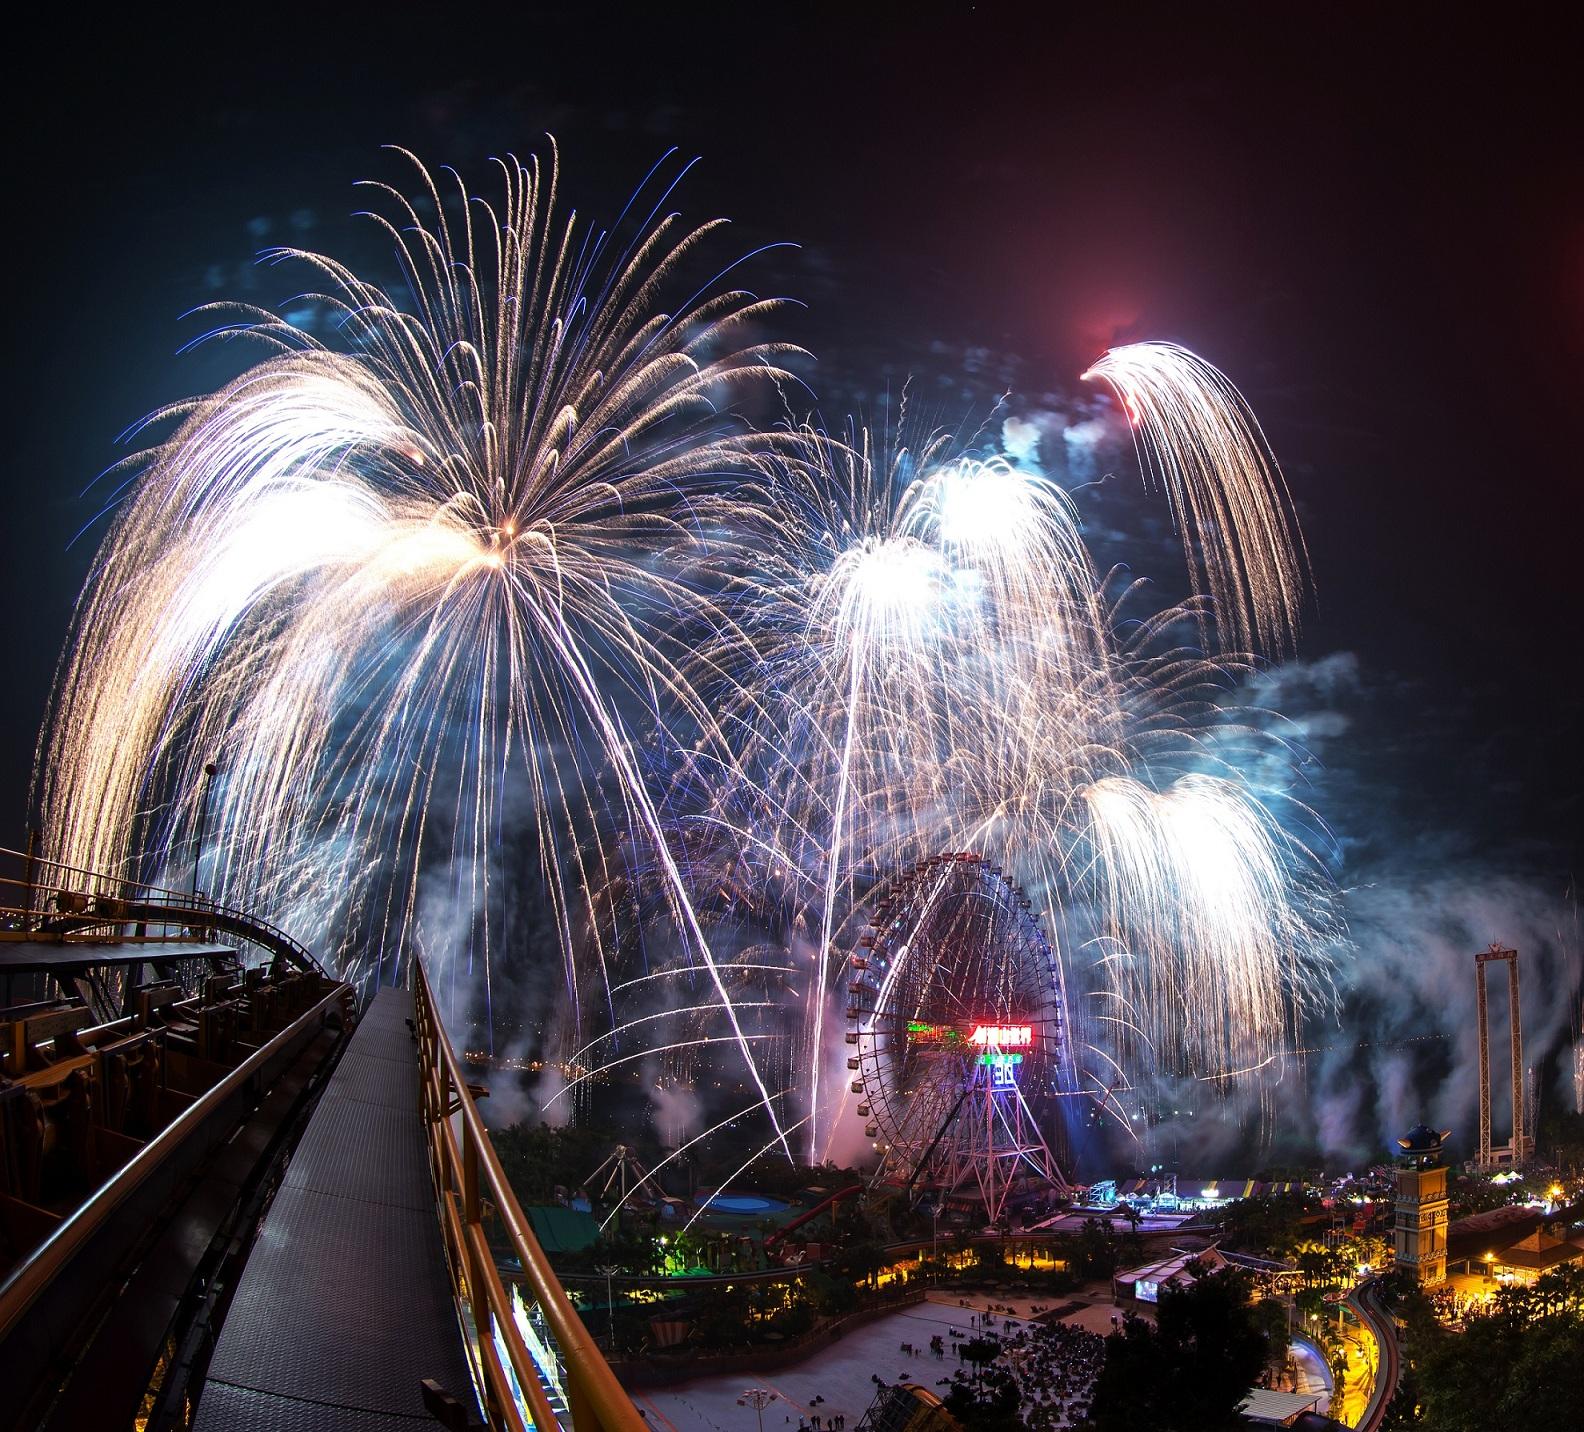 劍湖山世界奇幻花火節Fun閃520 -1